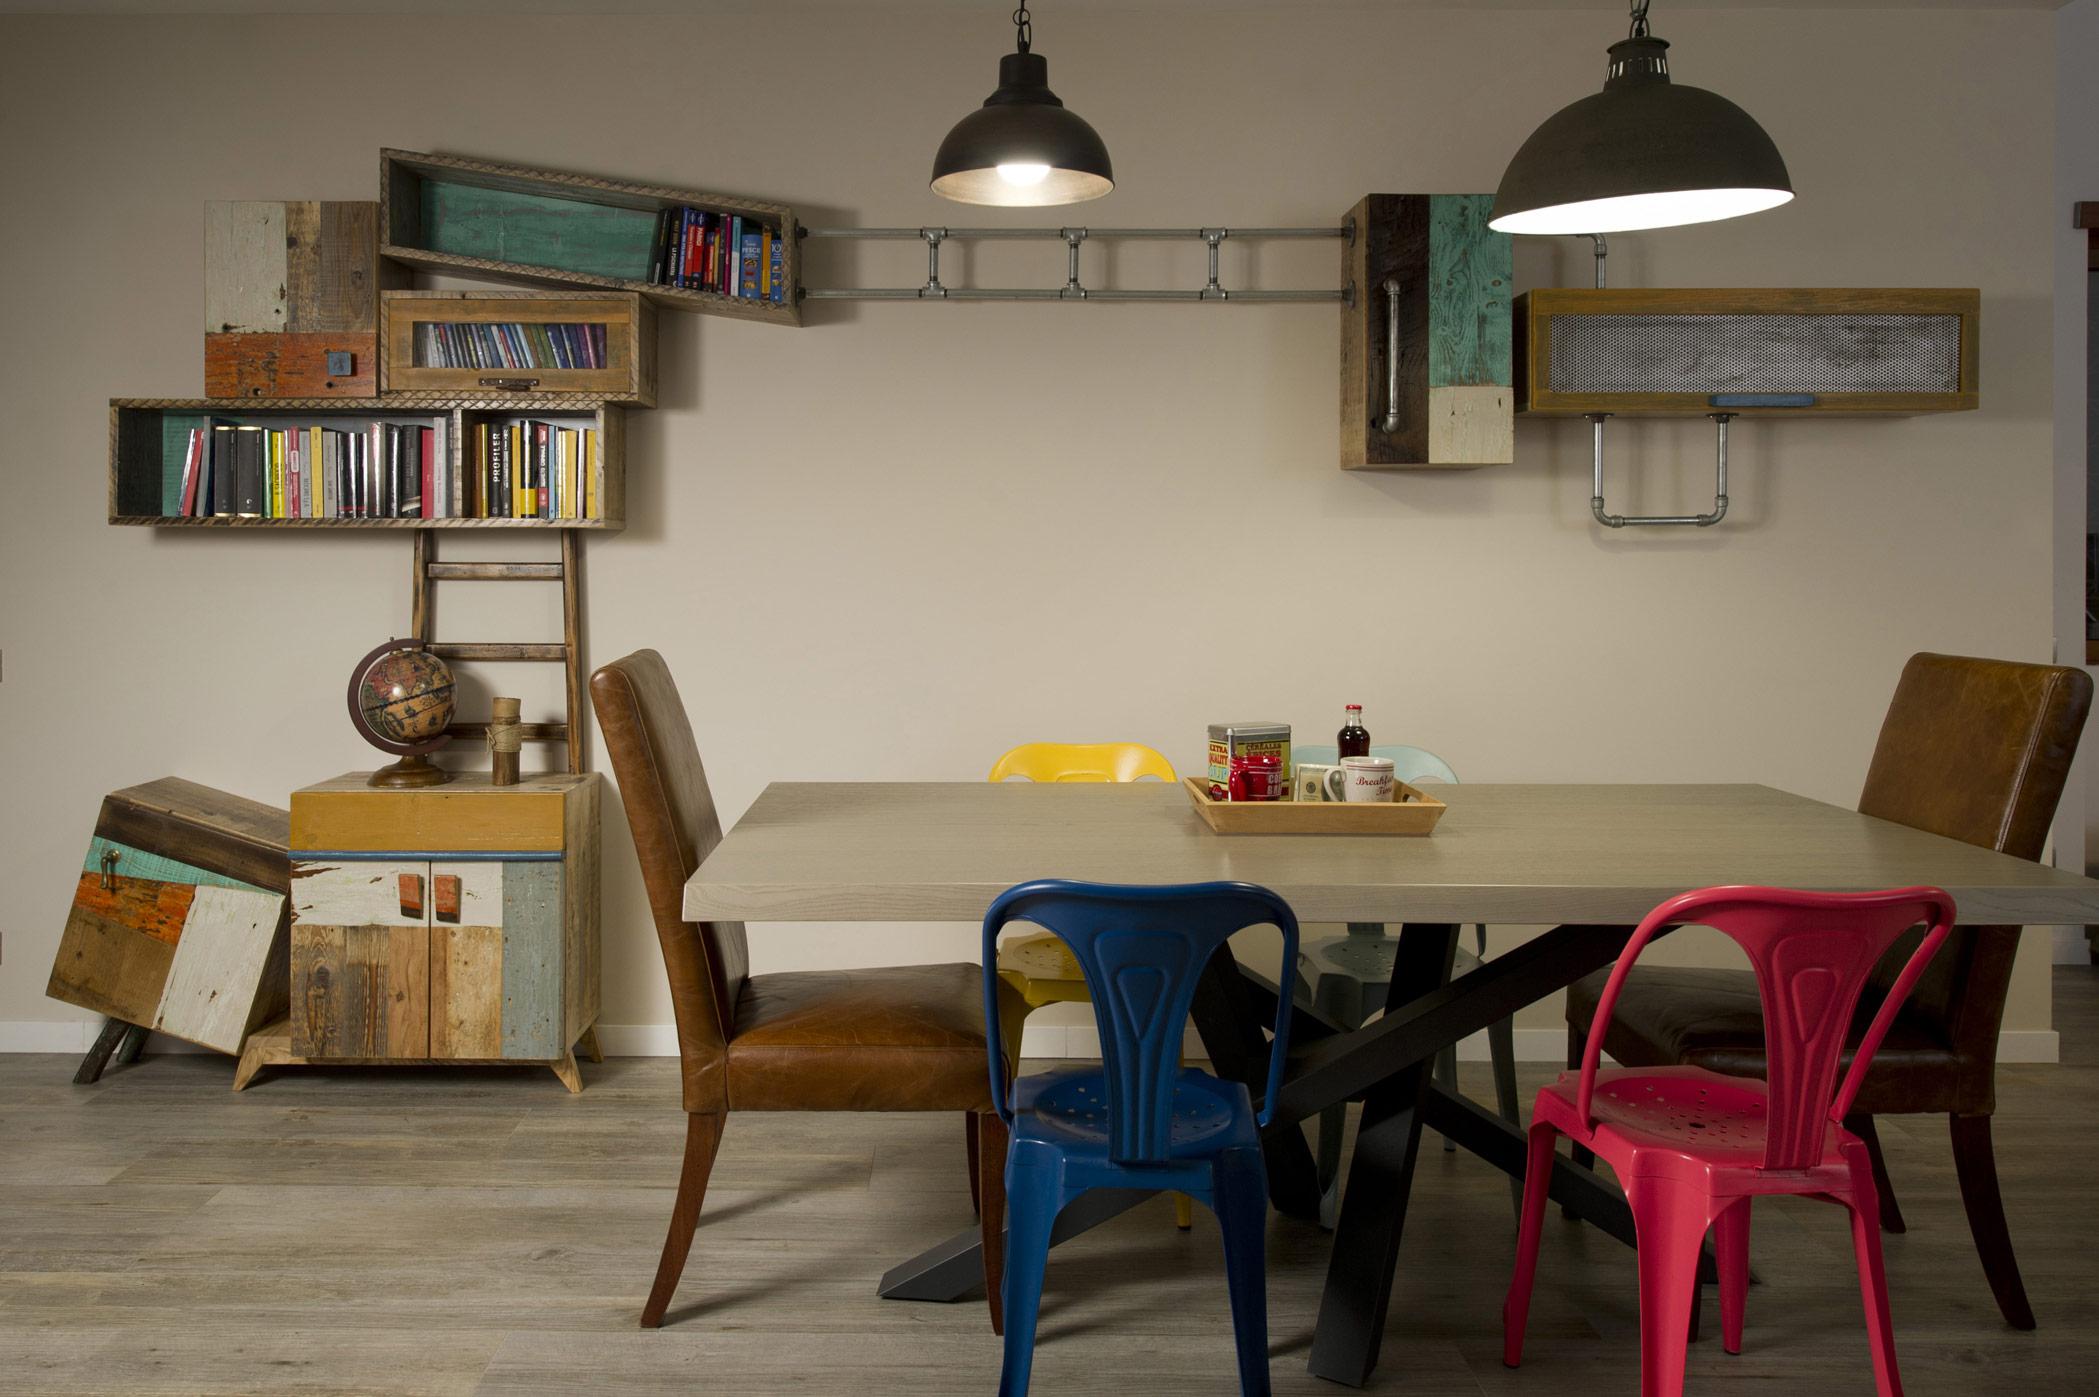 Arredamento per soggiorno con legno vintage e di recuperoçVintage and reclaimed